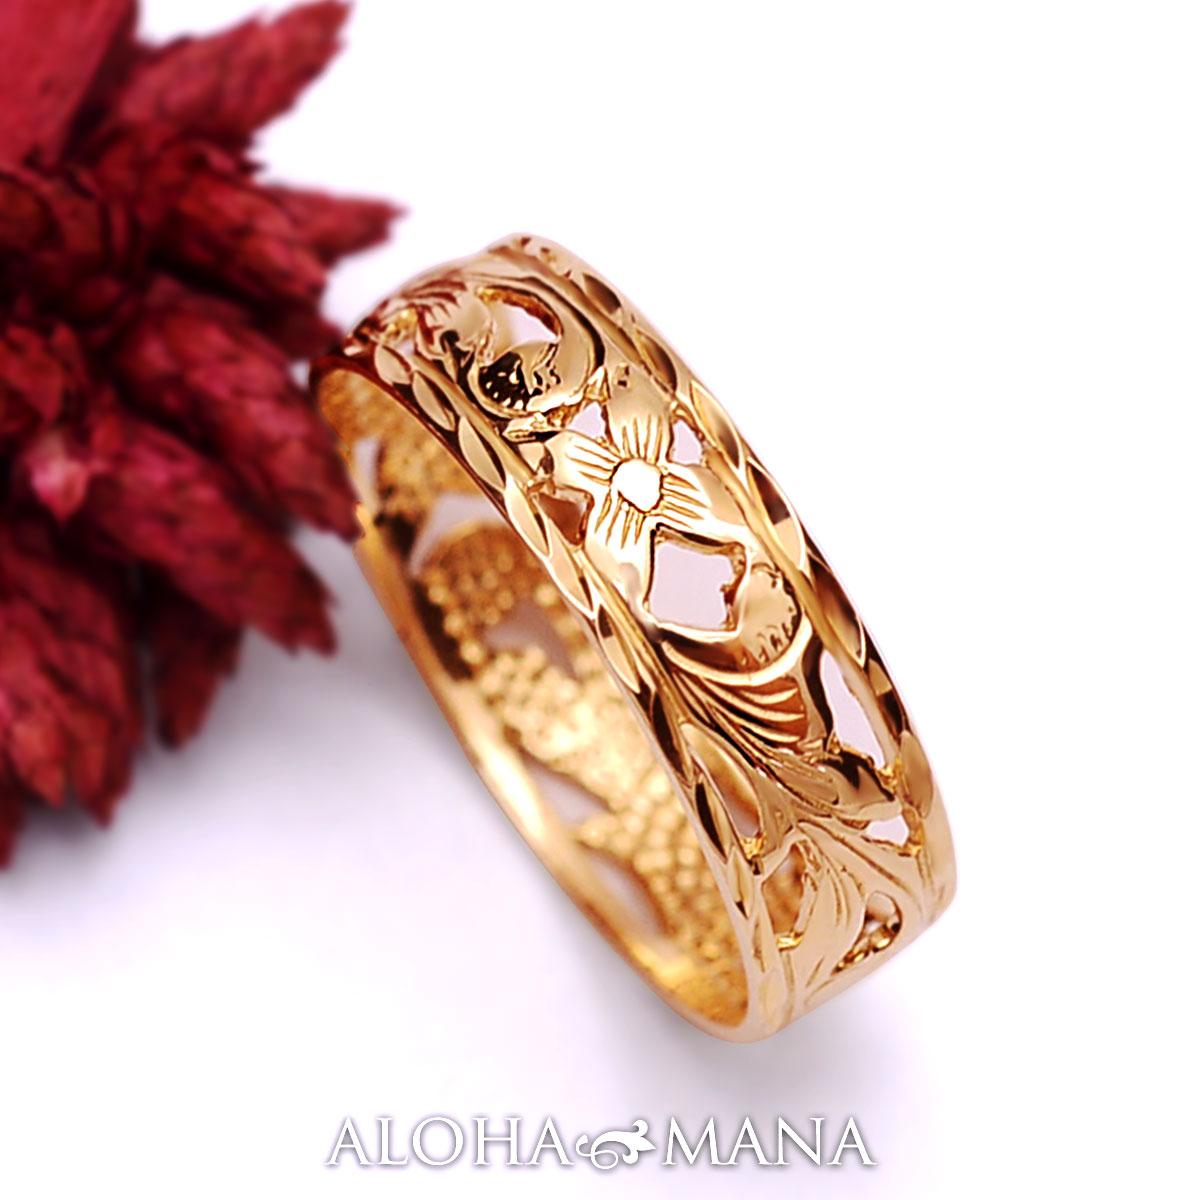 ハワイアンジュエリー リング 指輪 アクセサリー レディース 女性 メンズ 男性 K14ゴールド ピンクゴールド リング 指輪Princess 透かし柄 ambrig09crpg プレゼント ギフト